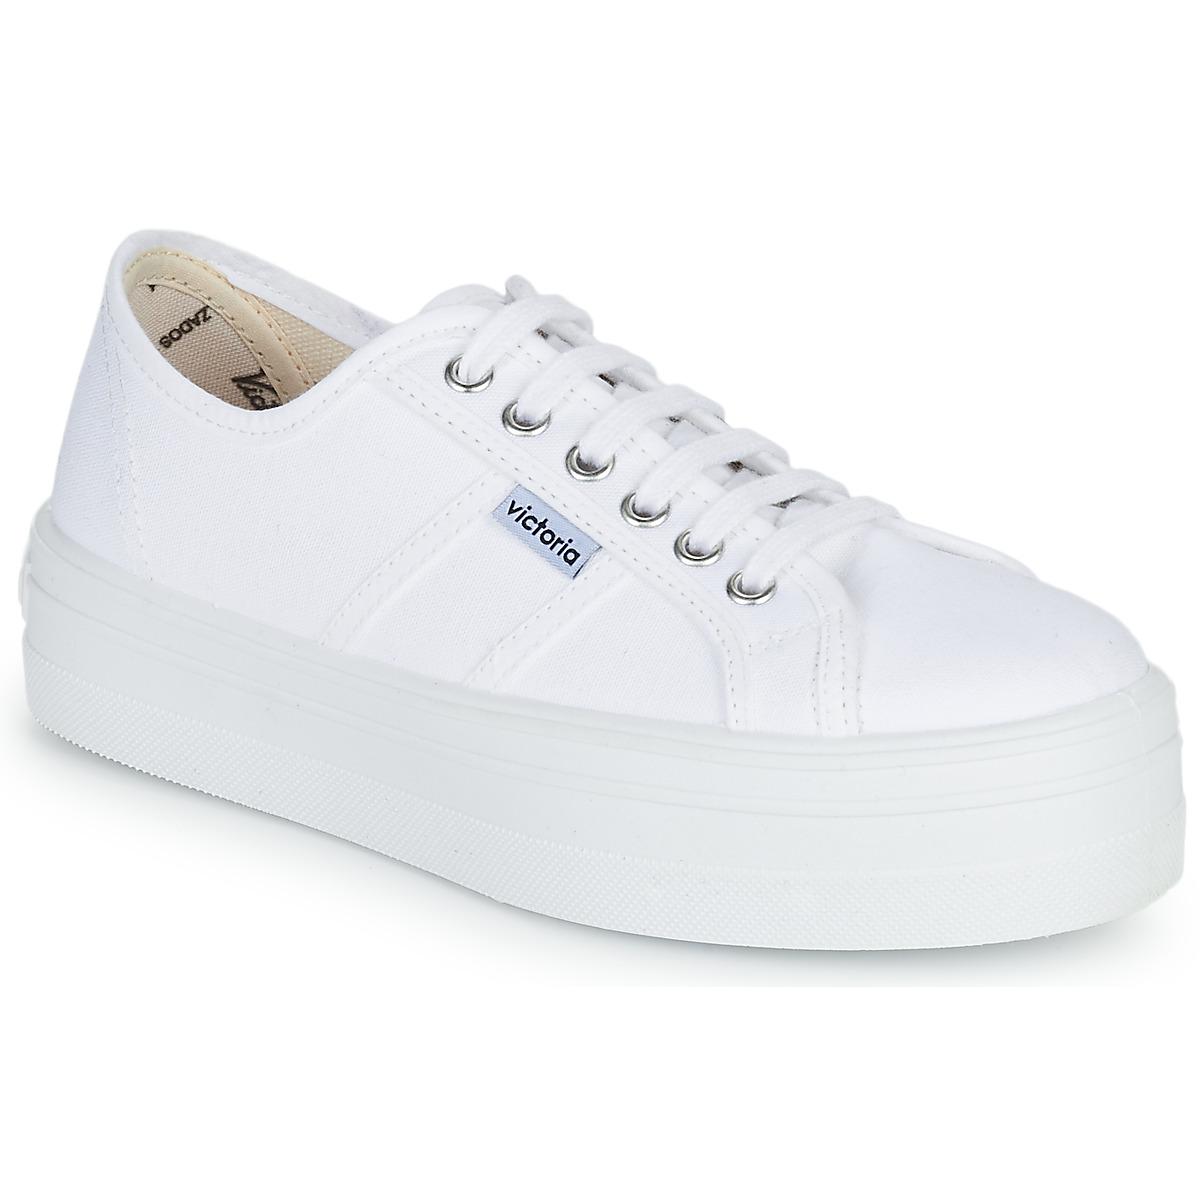 Lona Gratuita Plataforma Bianco Consegna Victoria Blucher m8wvOn0N